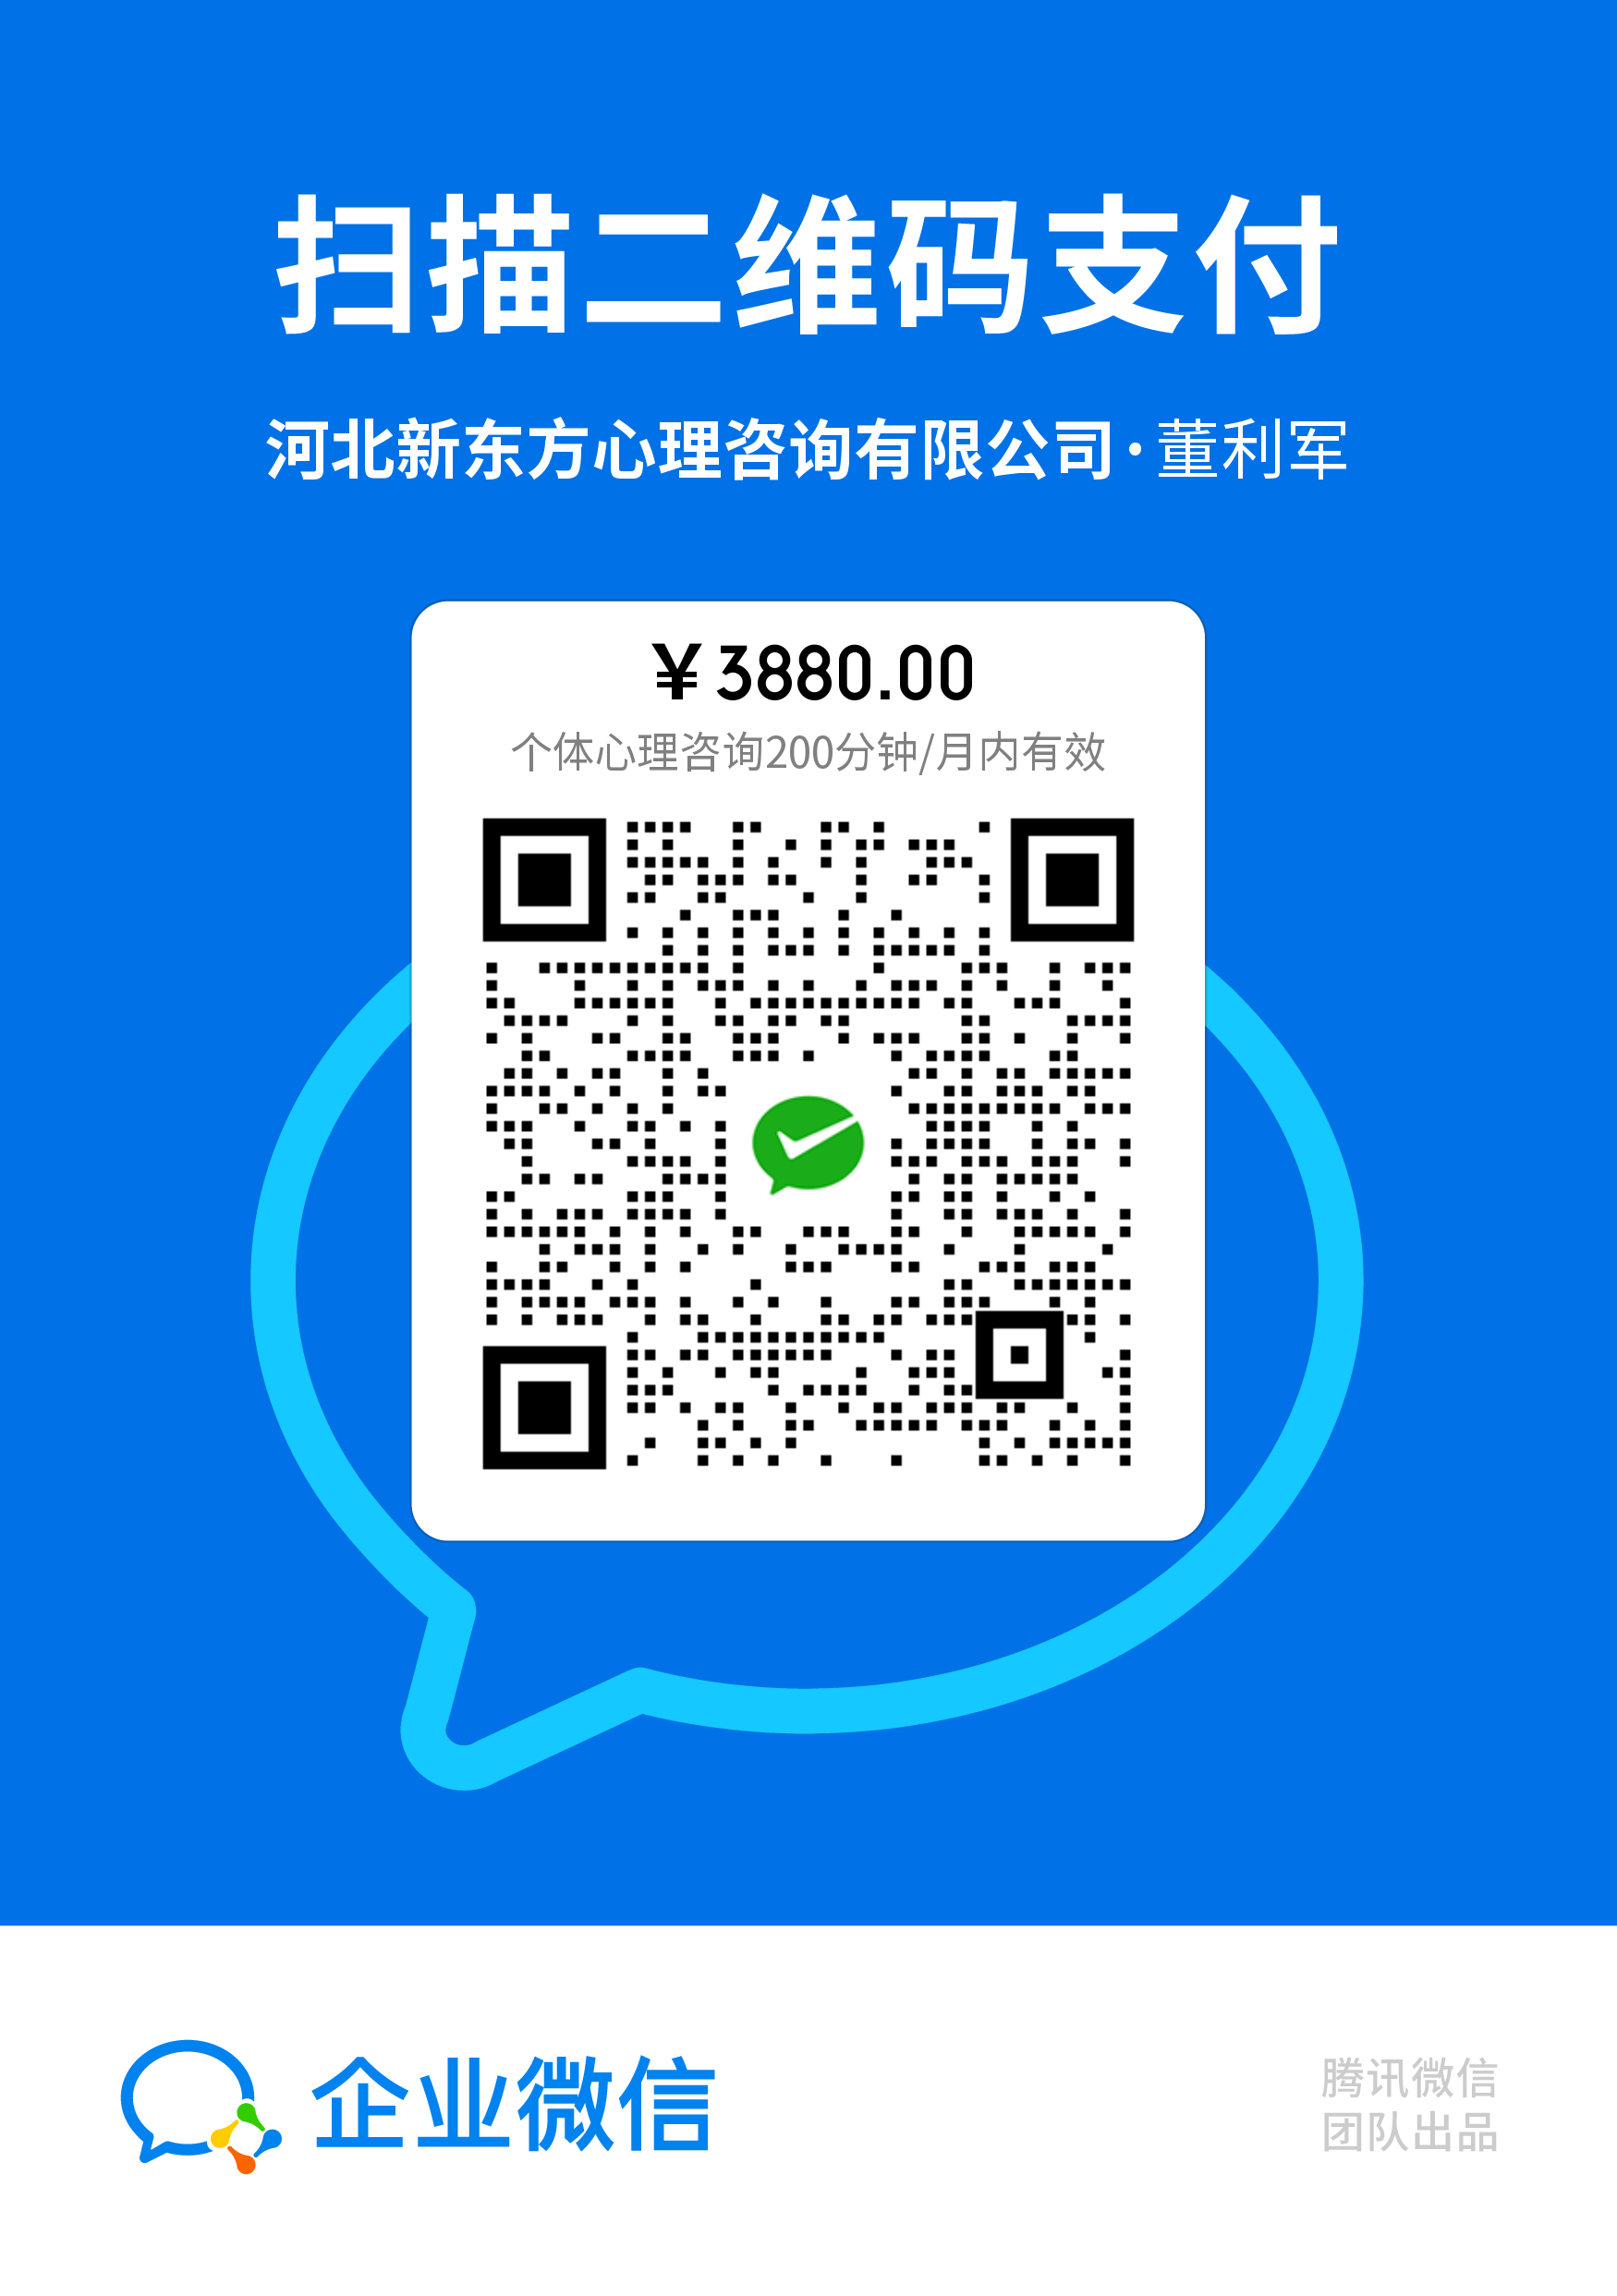 新东方心理咨询企业微信支付